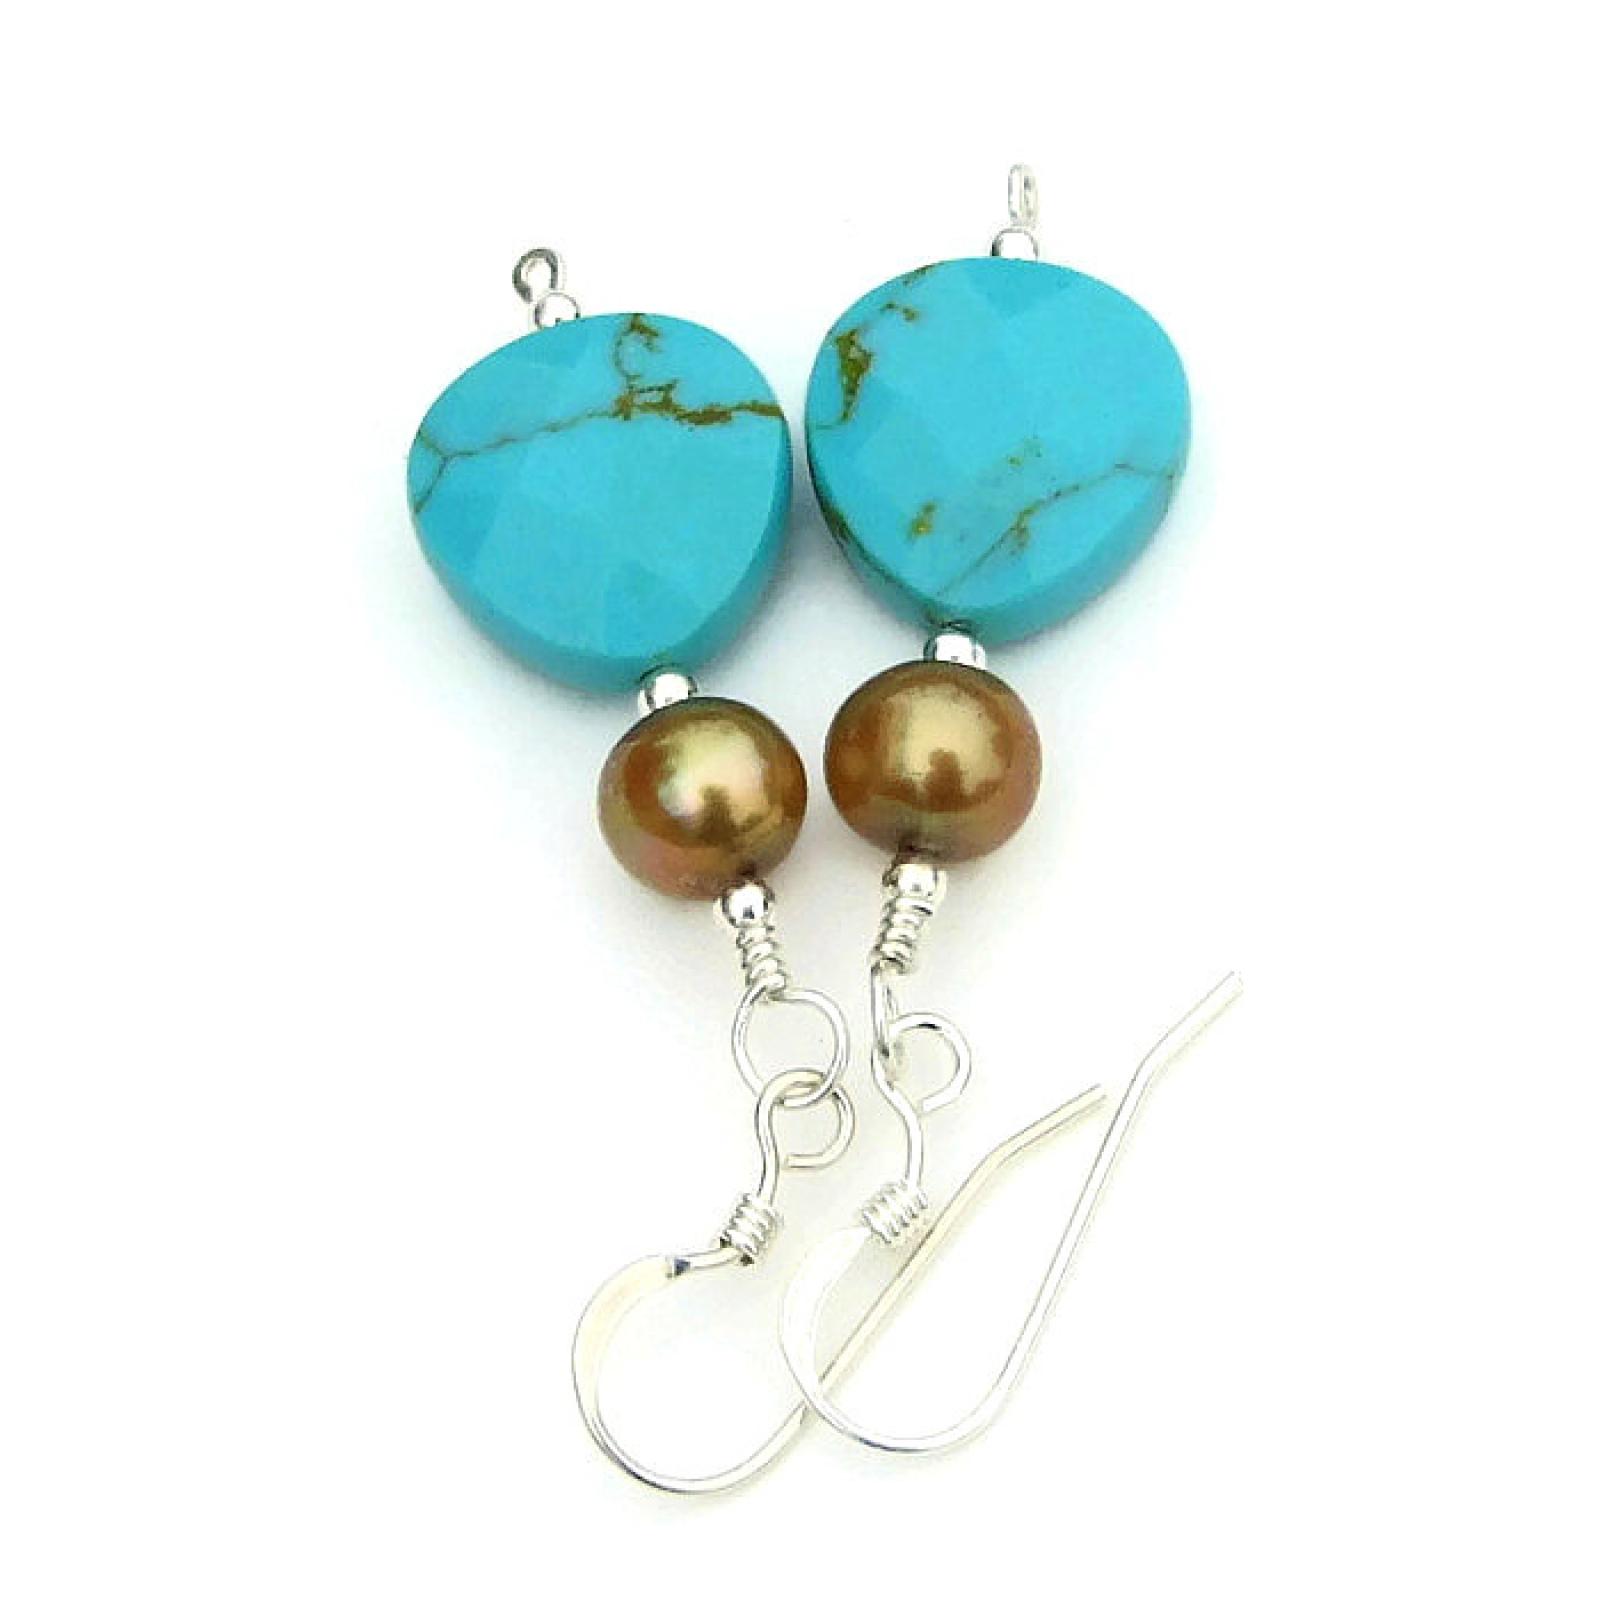 Turquoise Teardrop Pearl Earrings Blue Gemstone Handmade